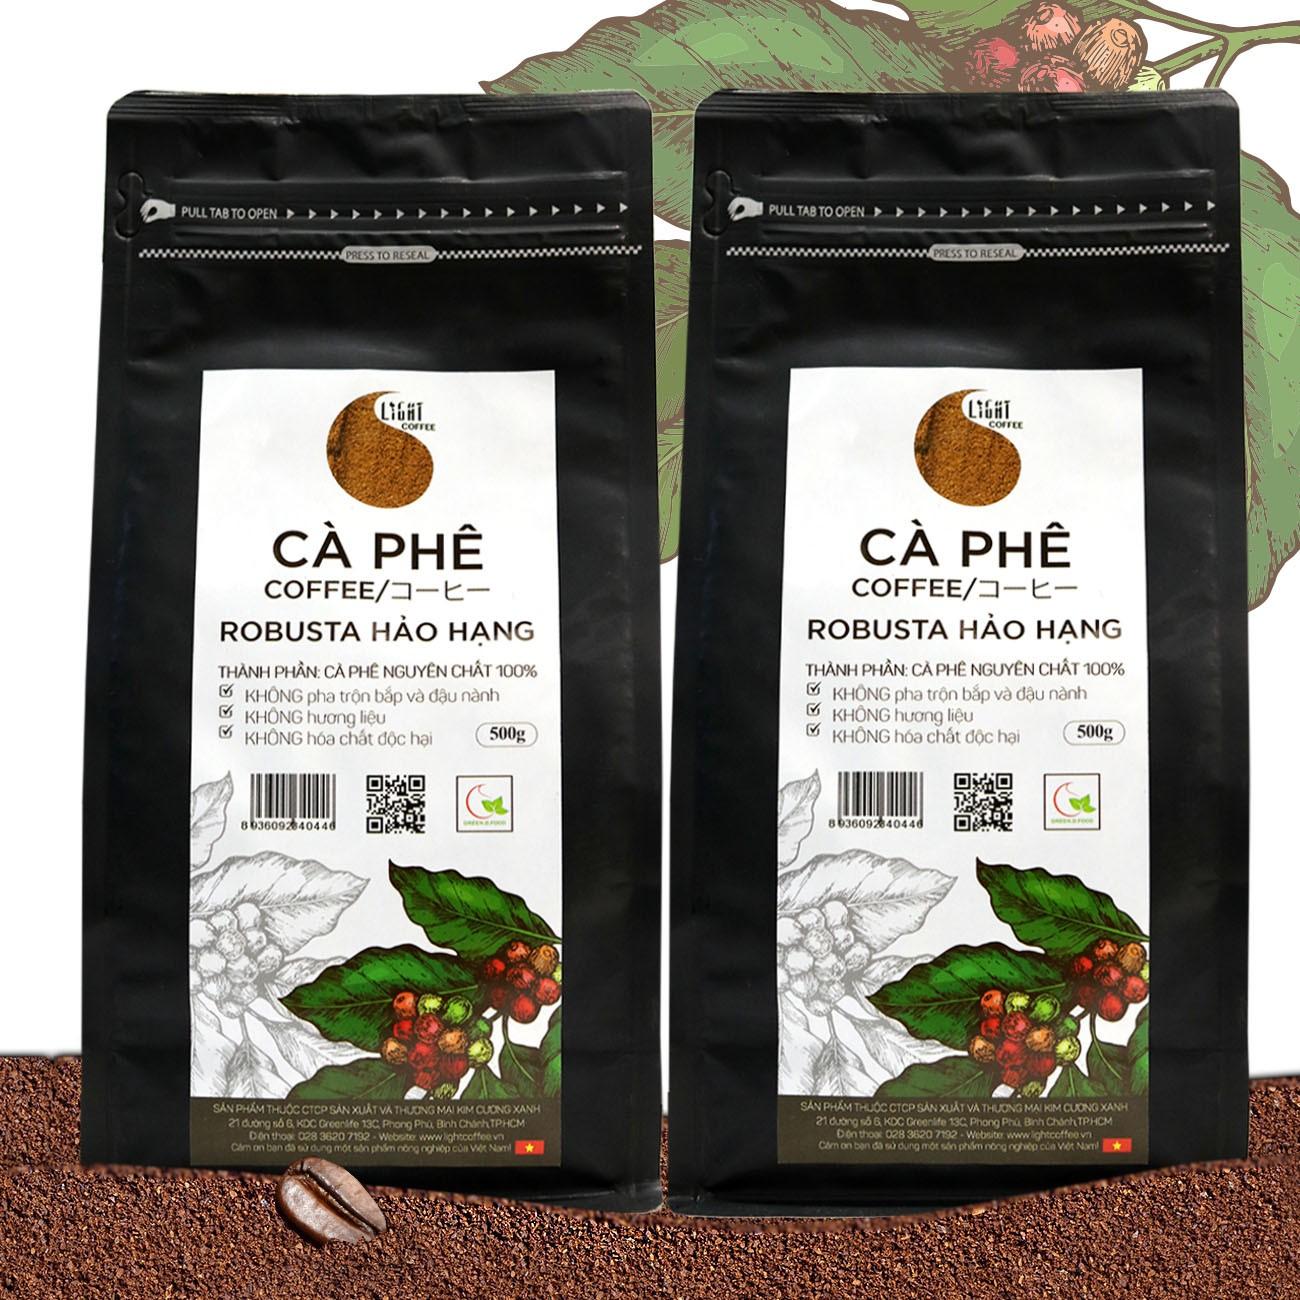 2 gói (1kg) cà phê bột nguyên chất 100% Robusta Hảo Hạng - Light coffee - gói 500g